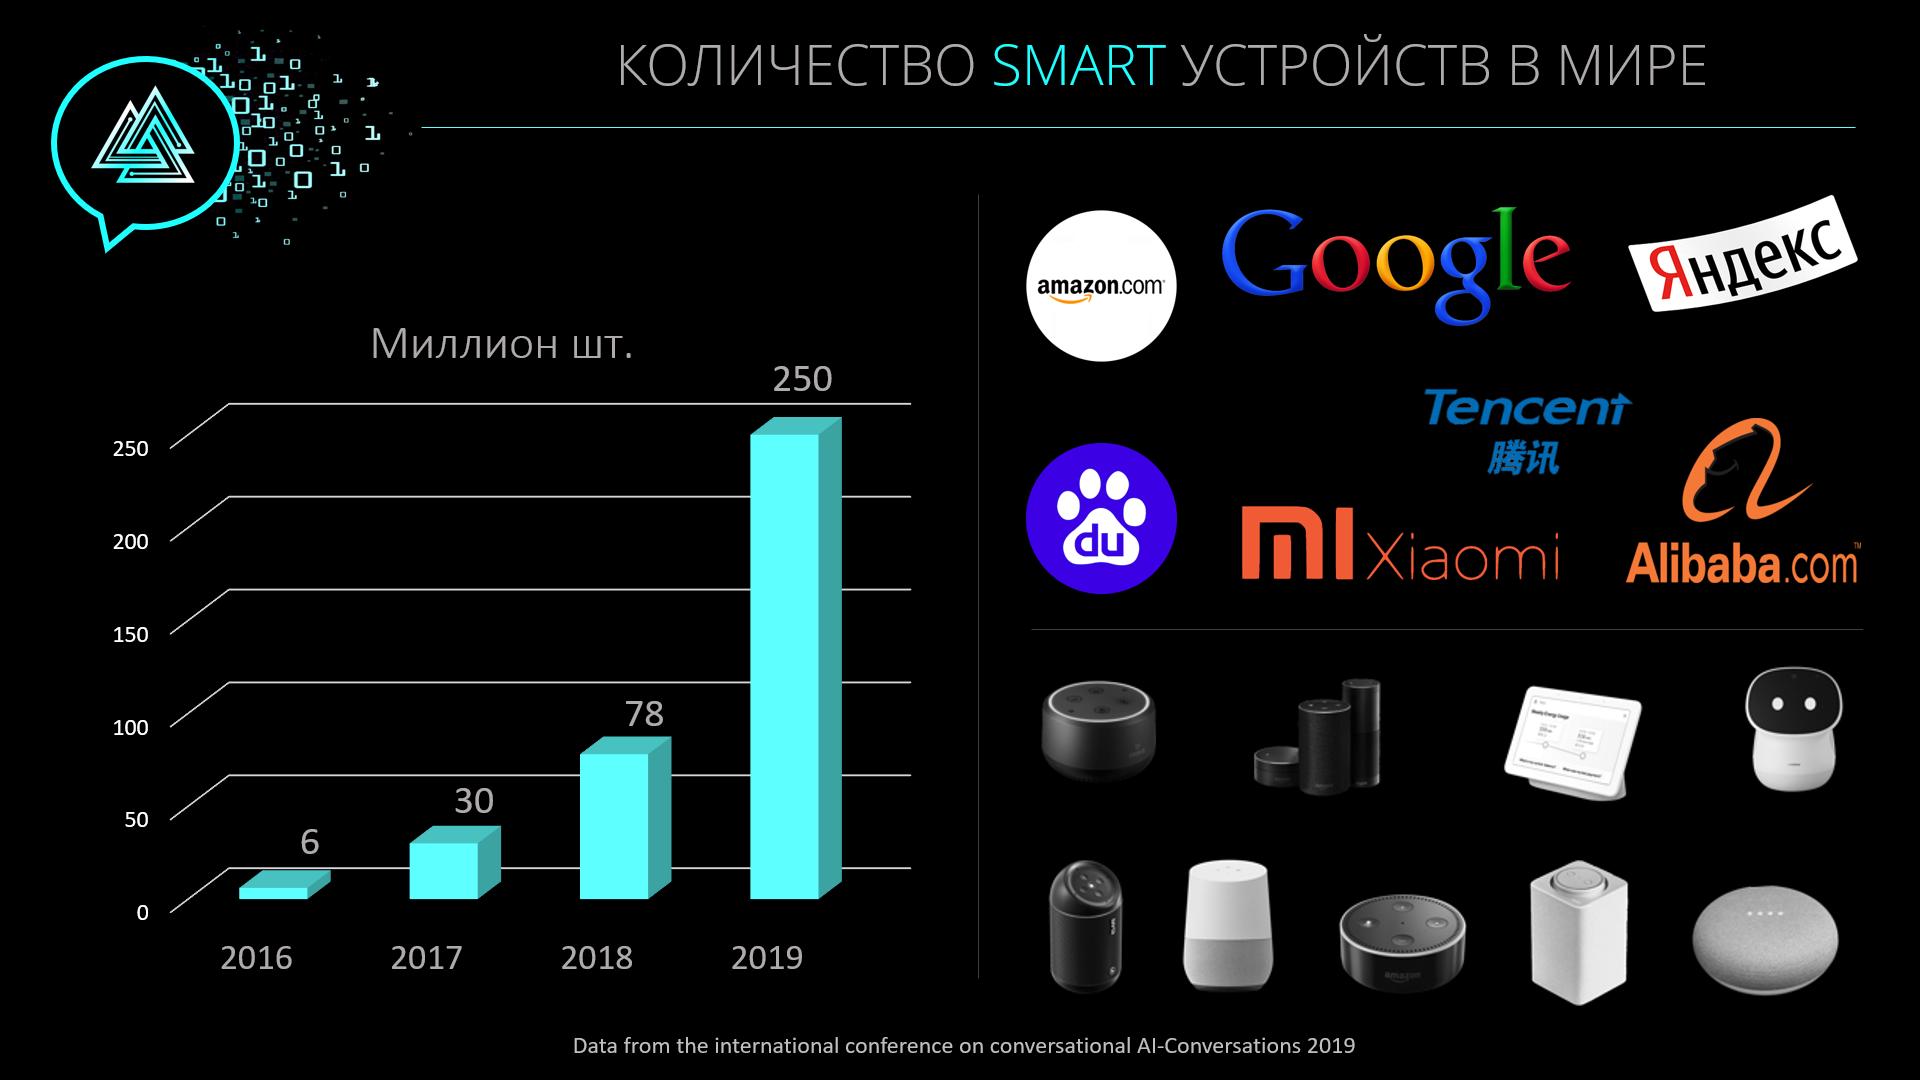 Голосовые приложения: миллиардный рынок, который в России не замечают